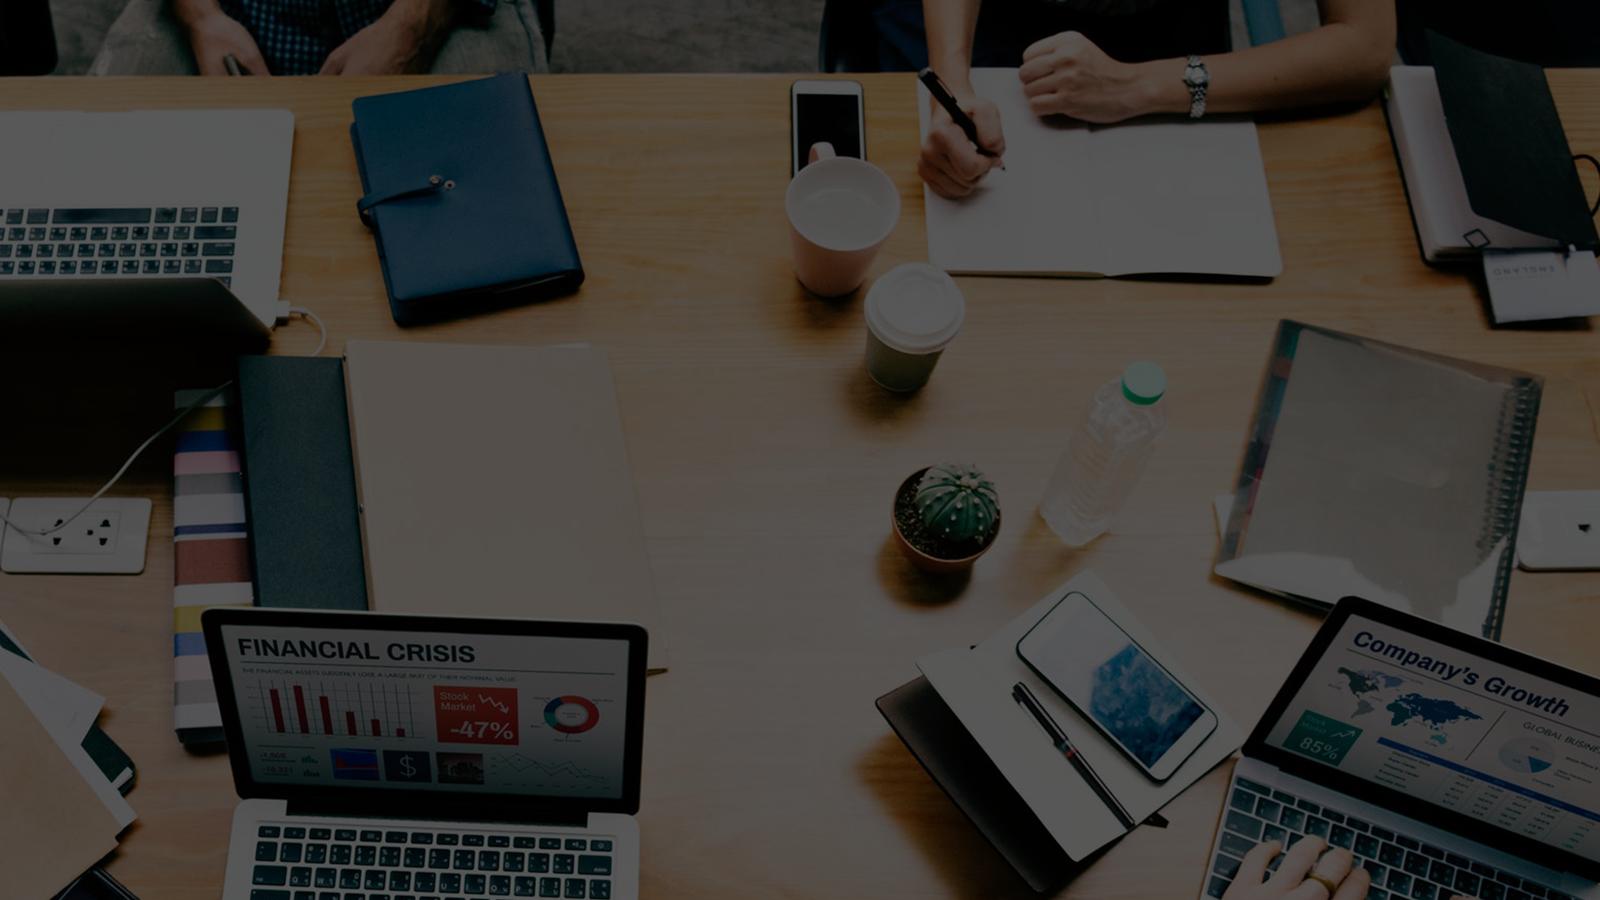 mobilidade corporativa e gestão de dispositivos